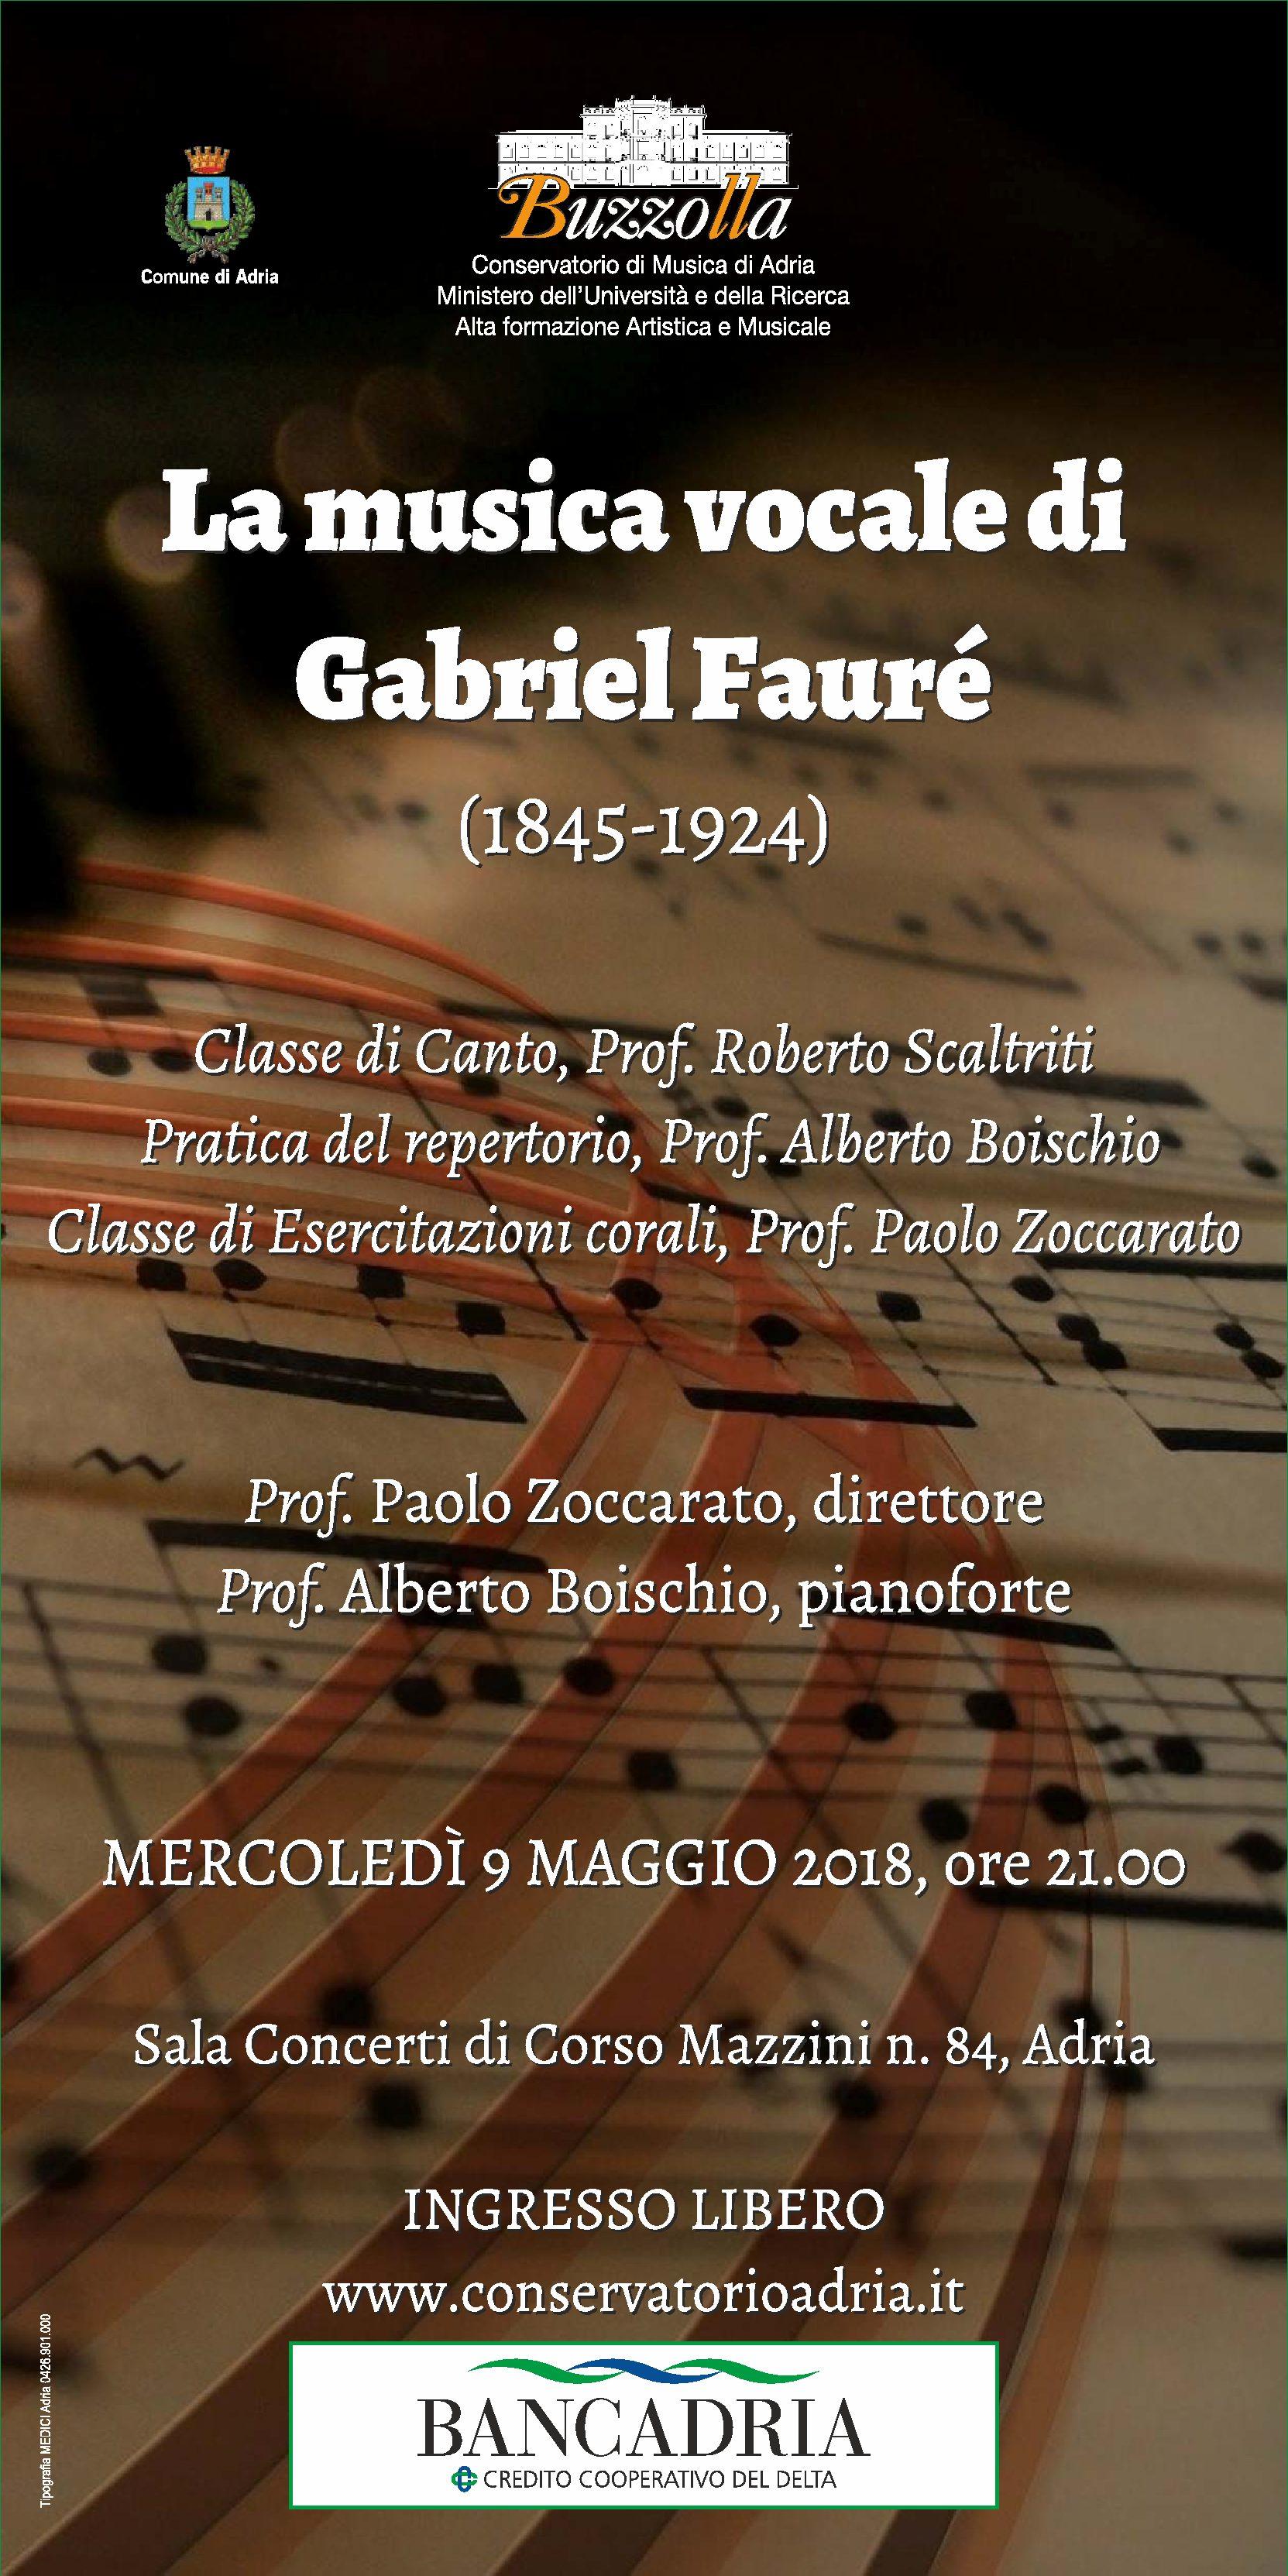 9 maggio 2018, ore 21.00 – Sala concerti di Corso Mazzini, Adria